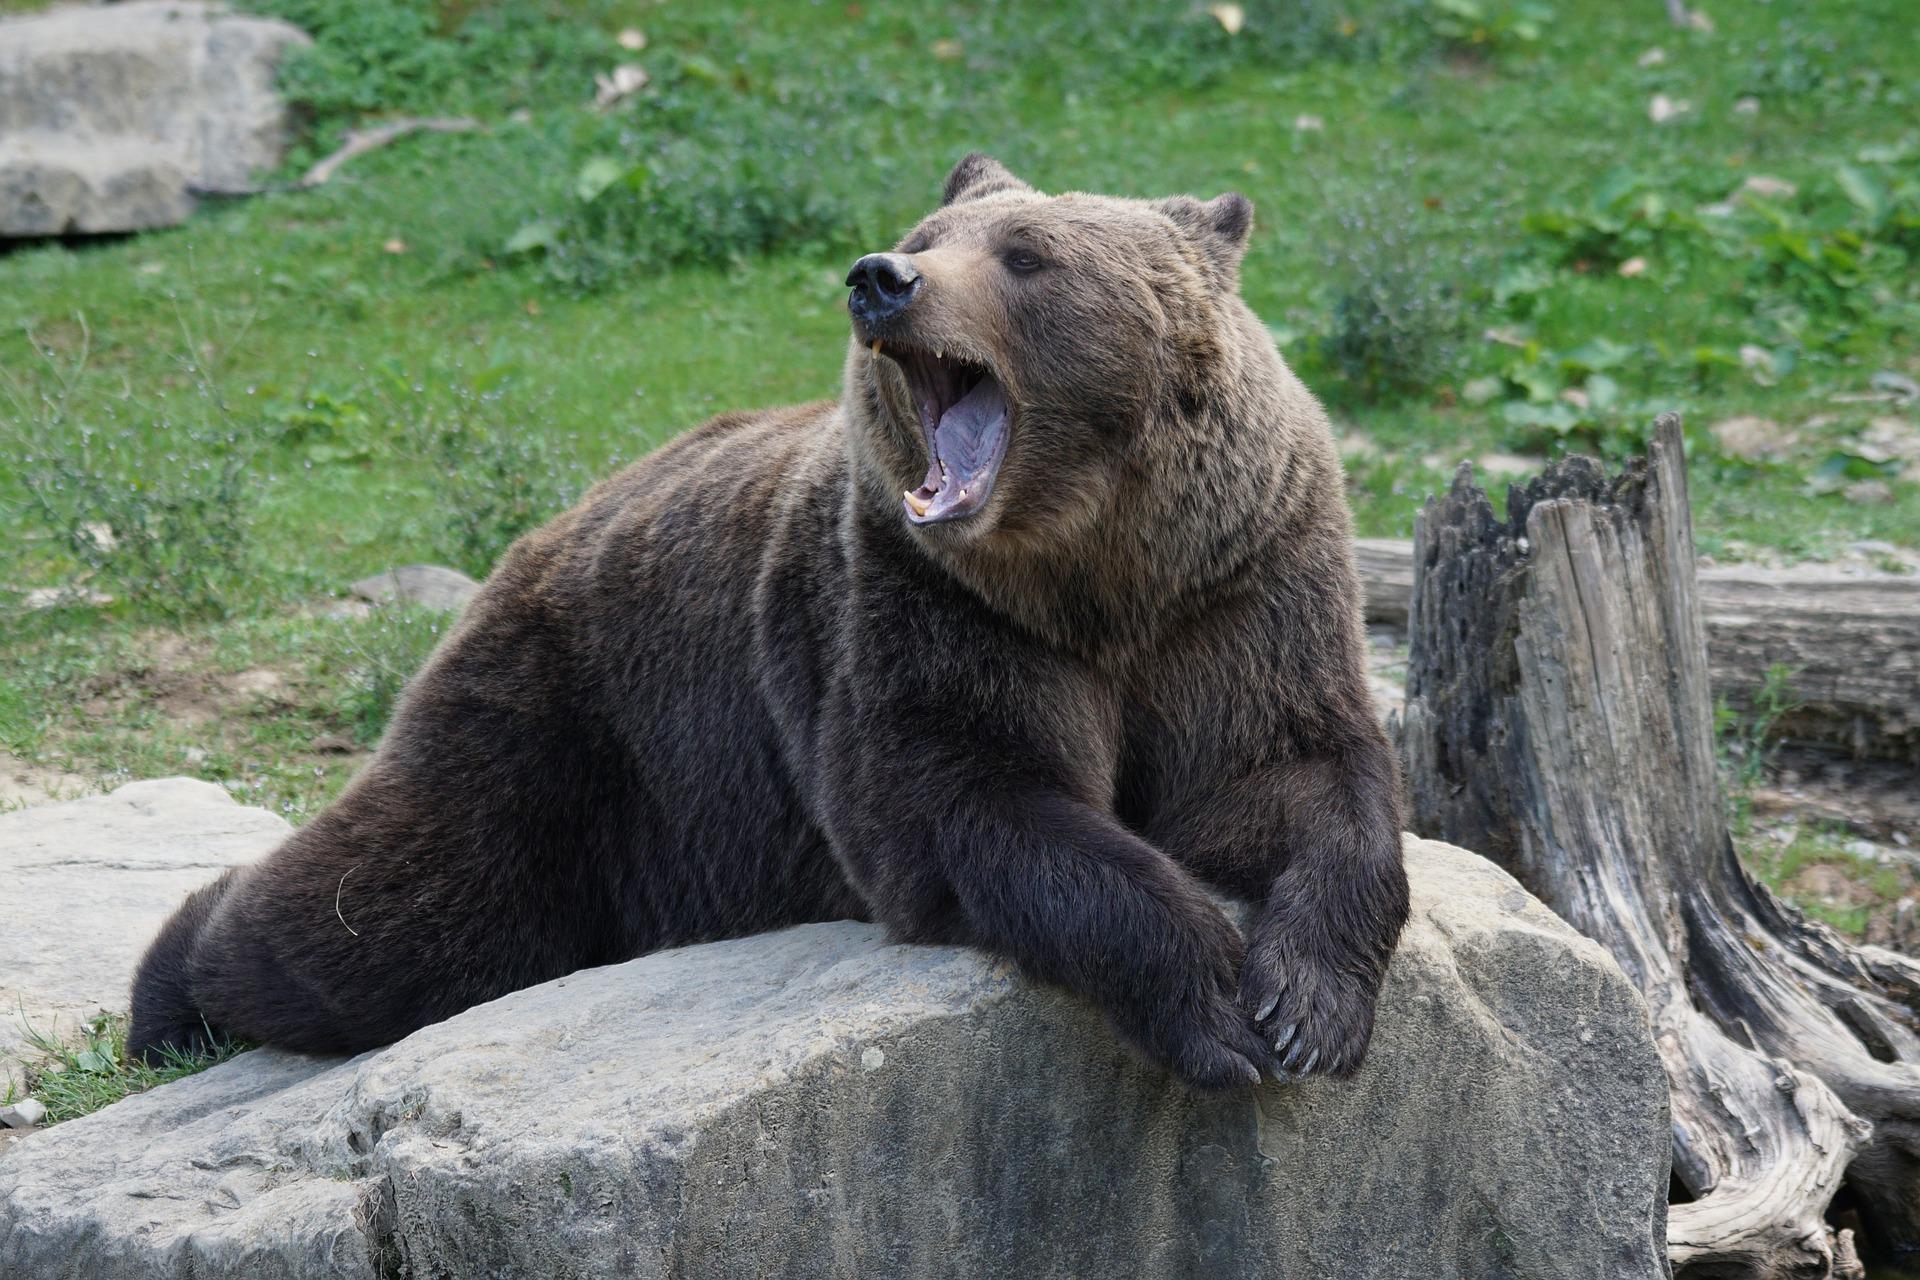 Bo tokrat lovcem le uspelo z odstrelom odvzeti iz narave 115 medvedov?